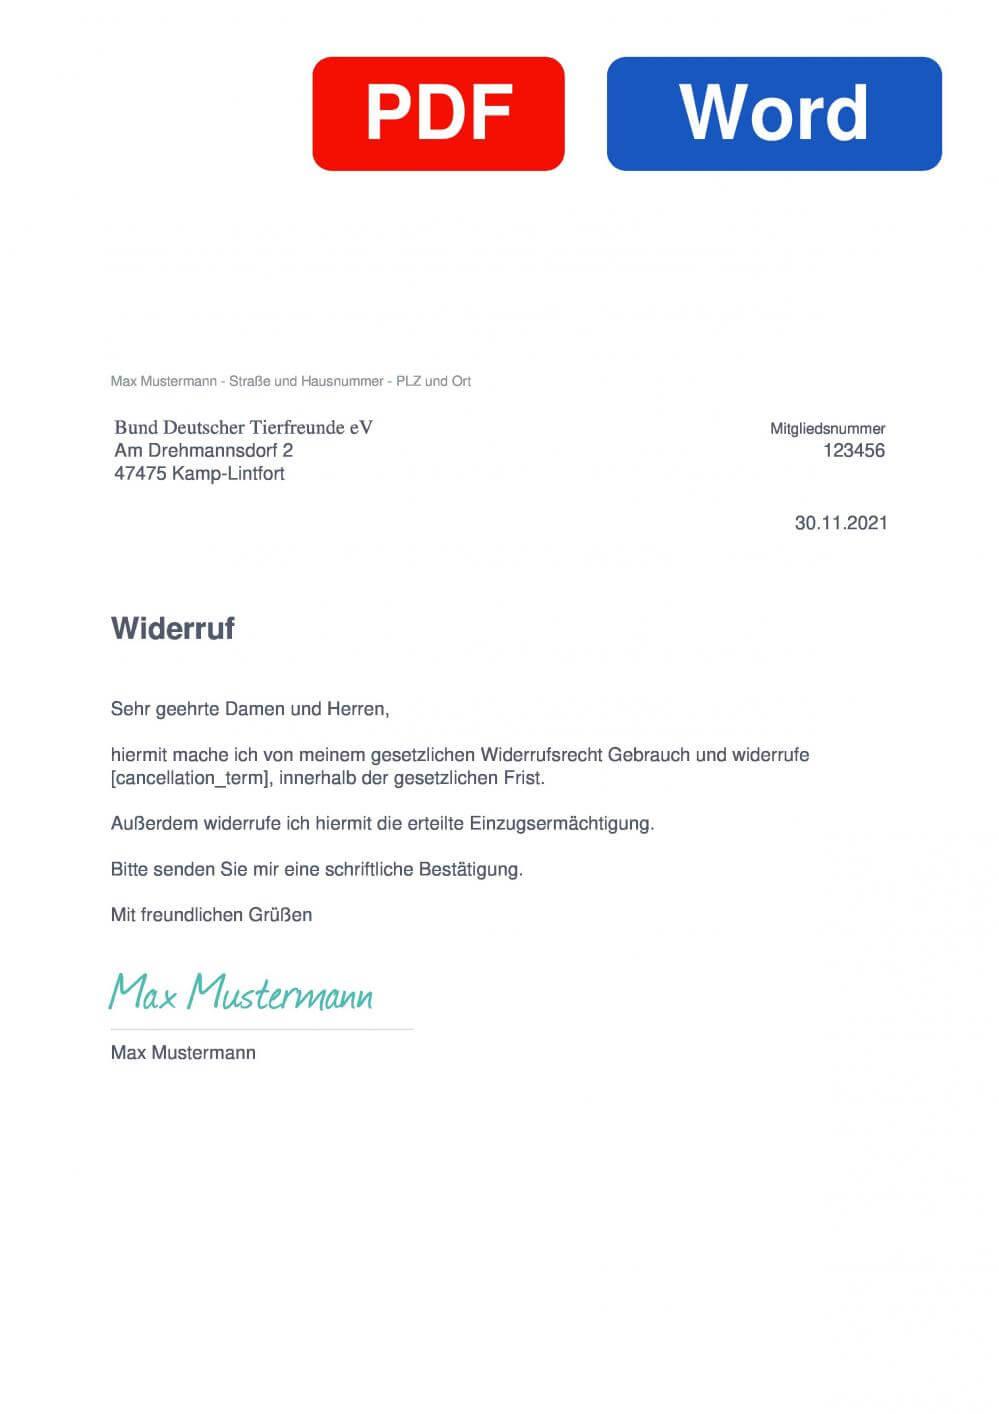 Bund Deutscher Tierfreunde Muster Vorlage für Wiederrufsschreiben